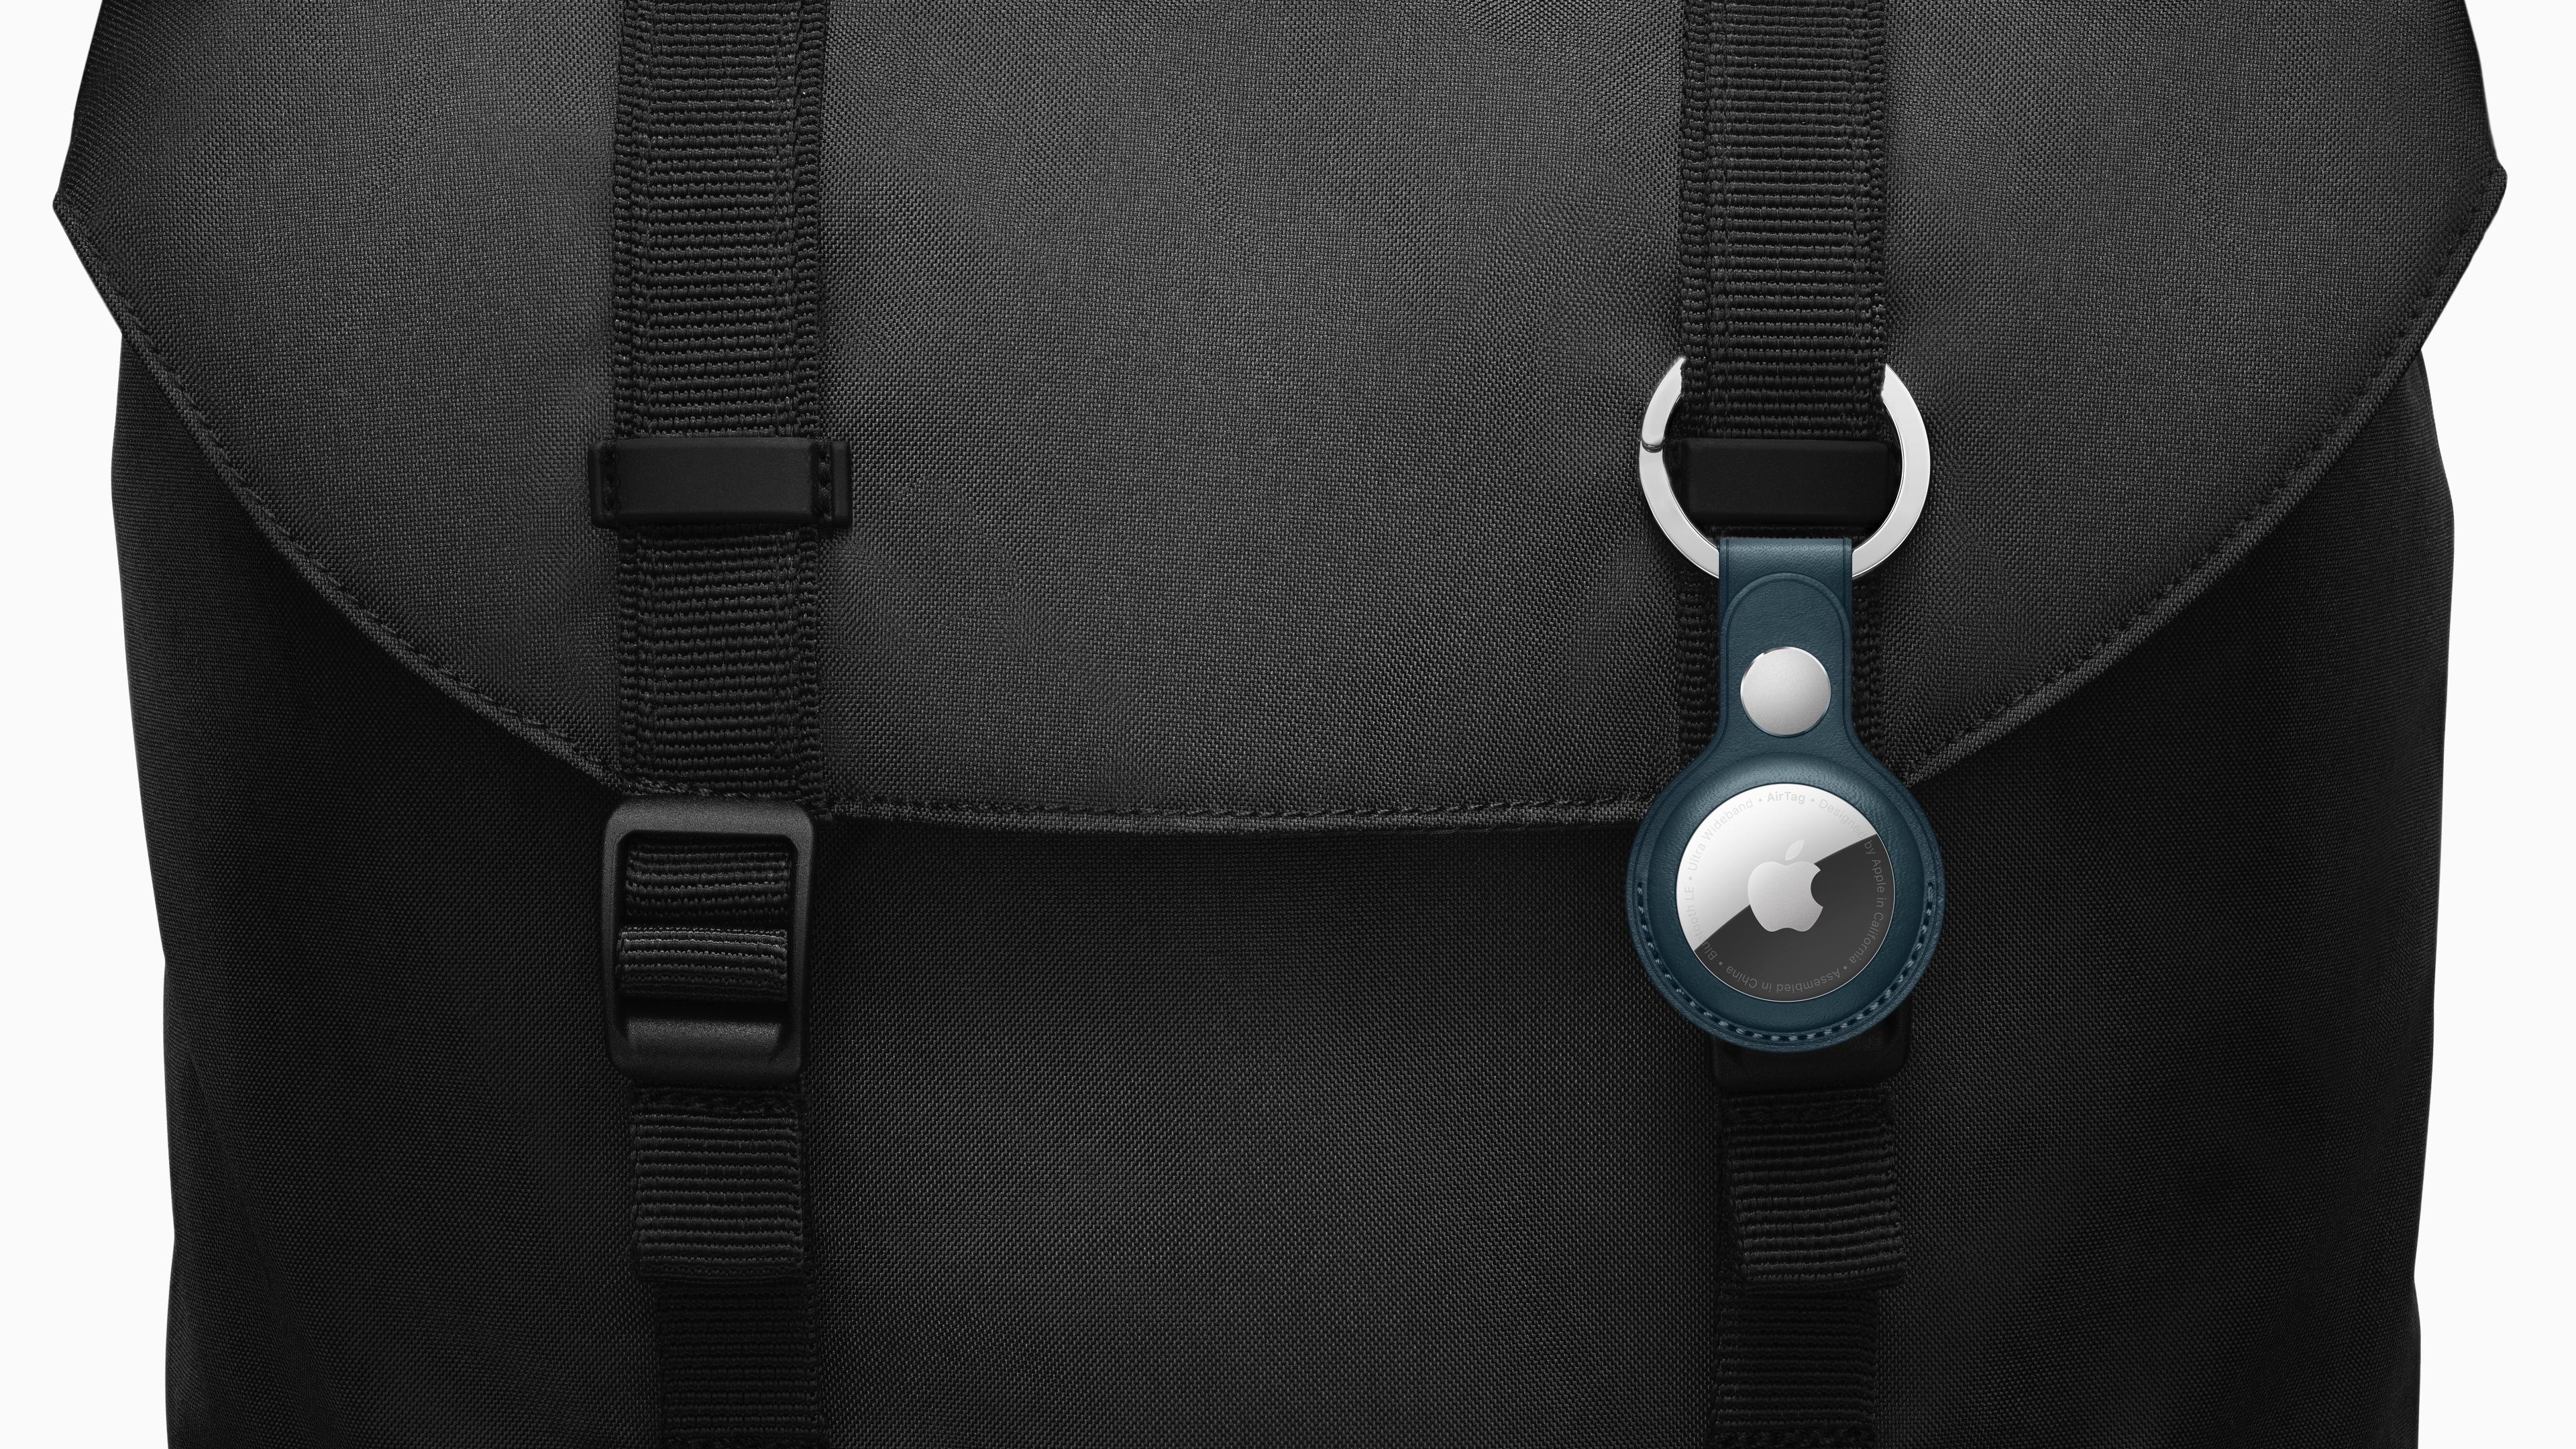 Apple_airtag-accessories-bag-042021.jpg